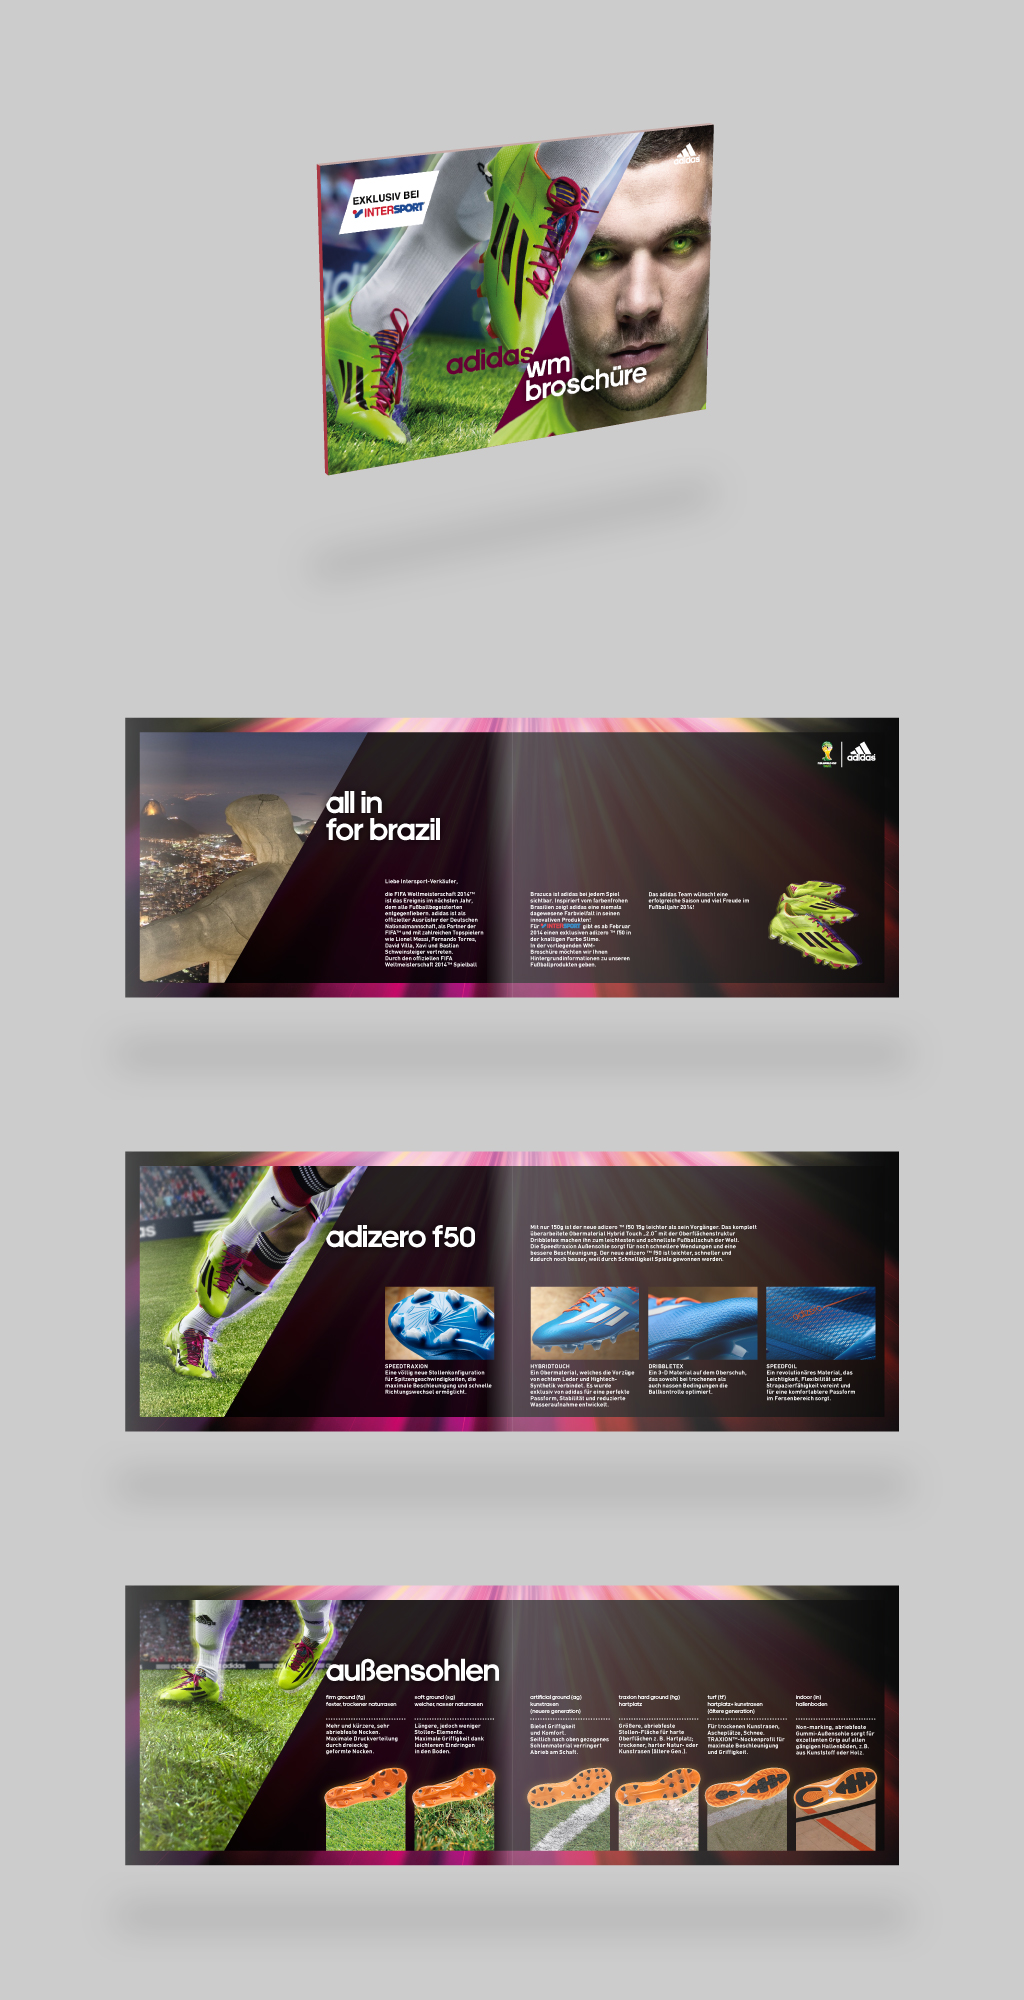 wm-broschüre-overview